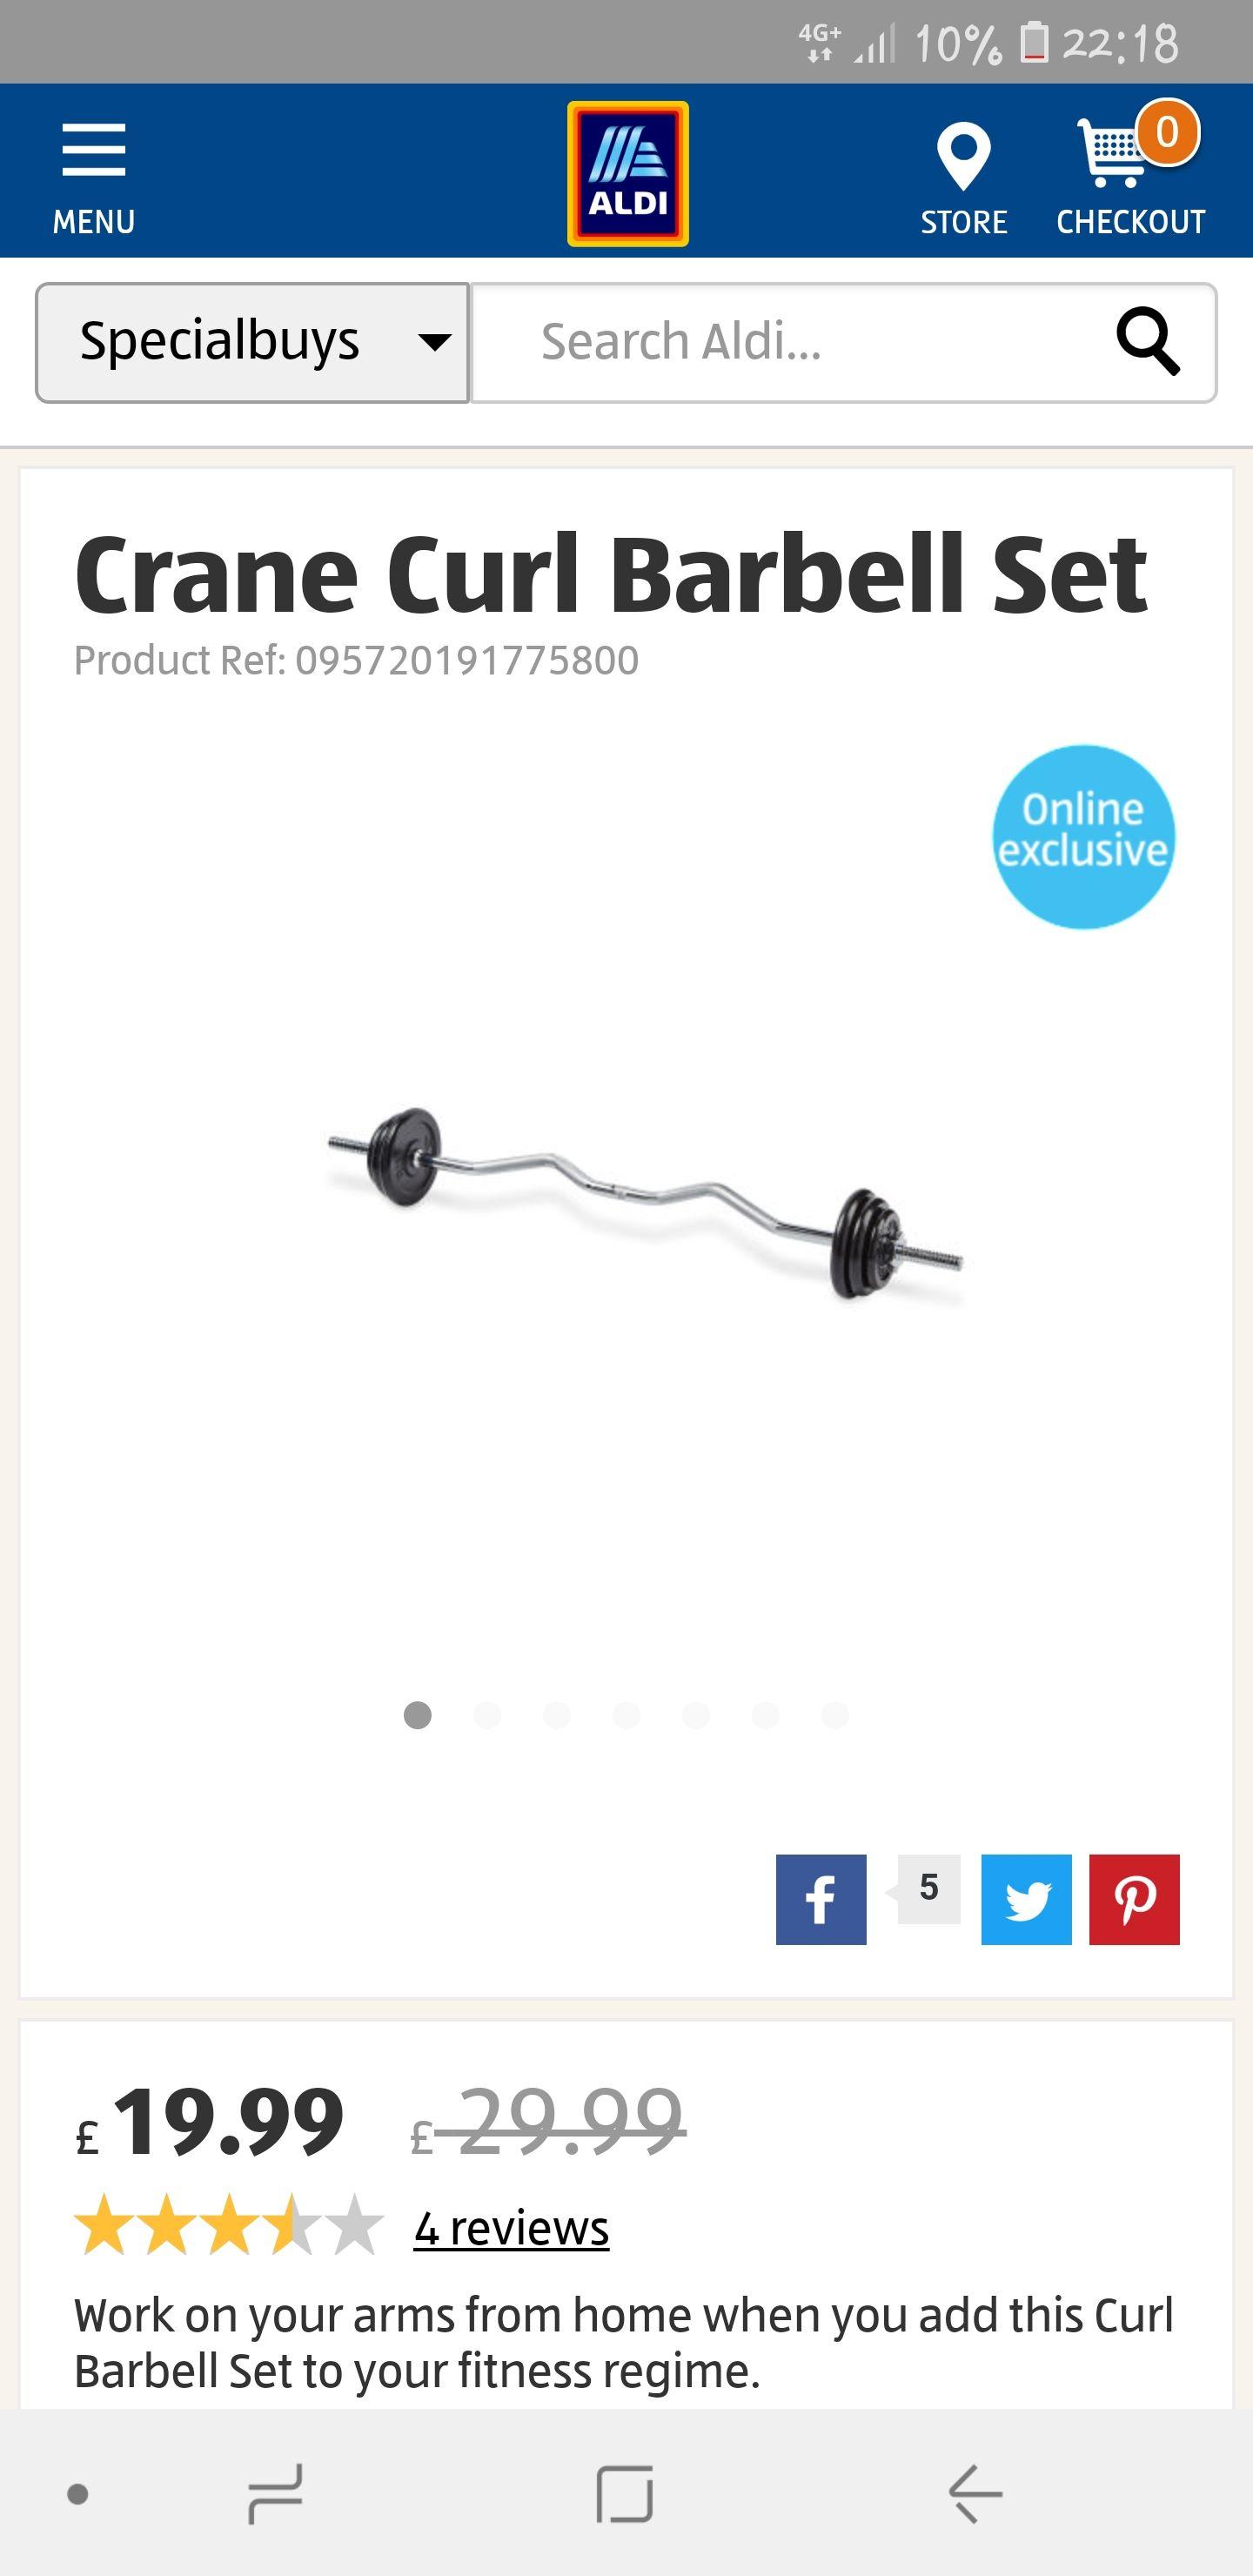 Aldi Crane curl barbell set - £19.99 @ ALDI